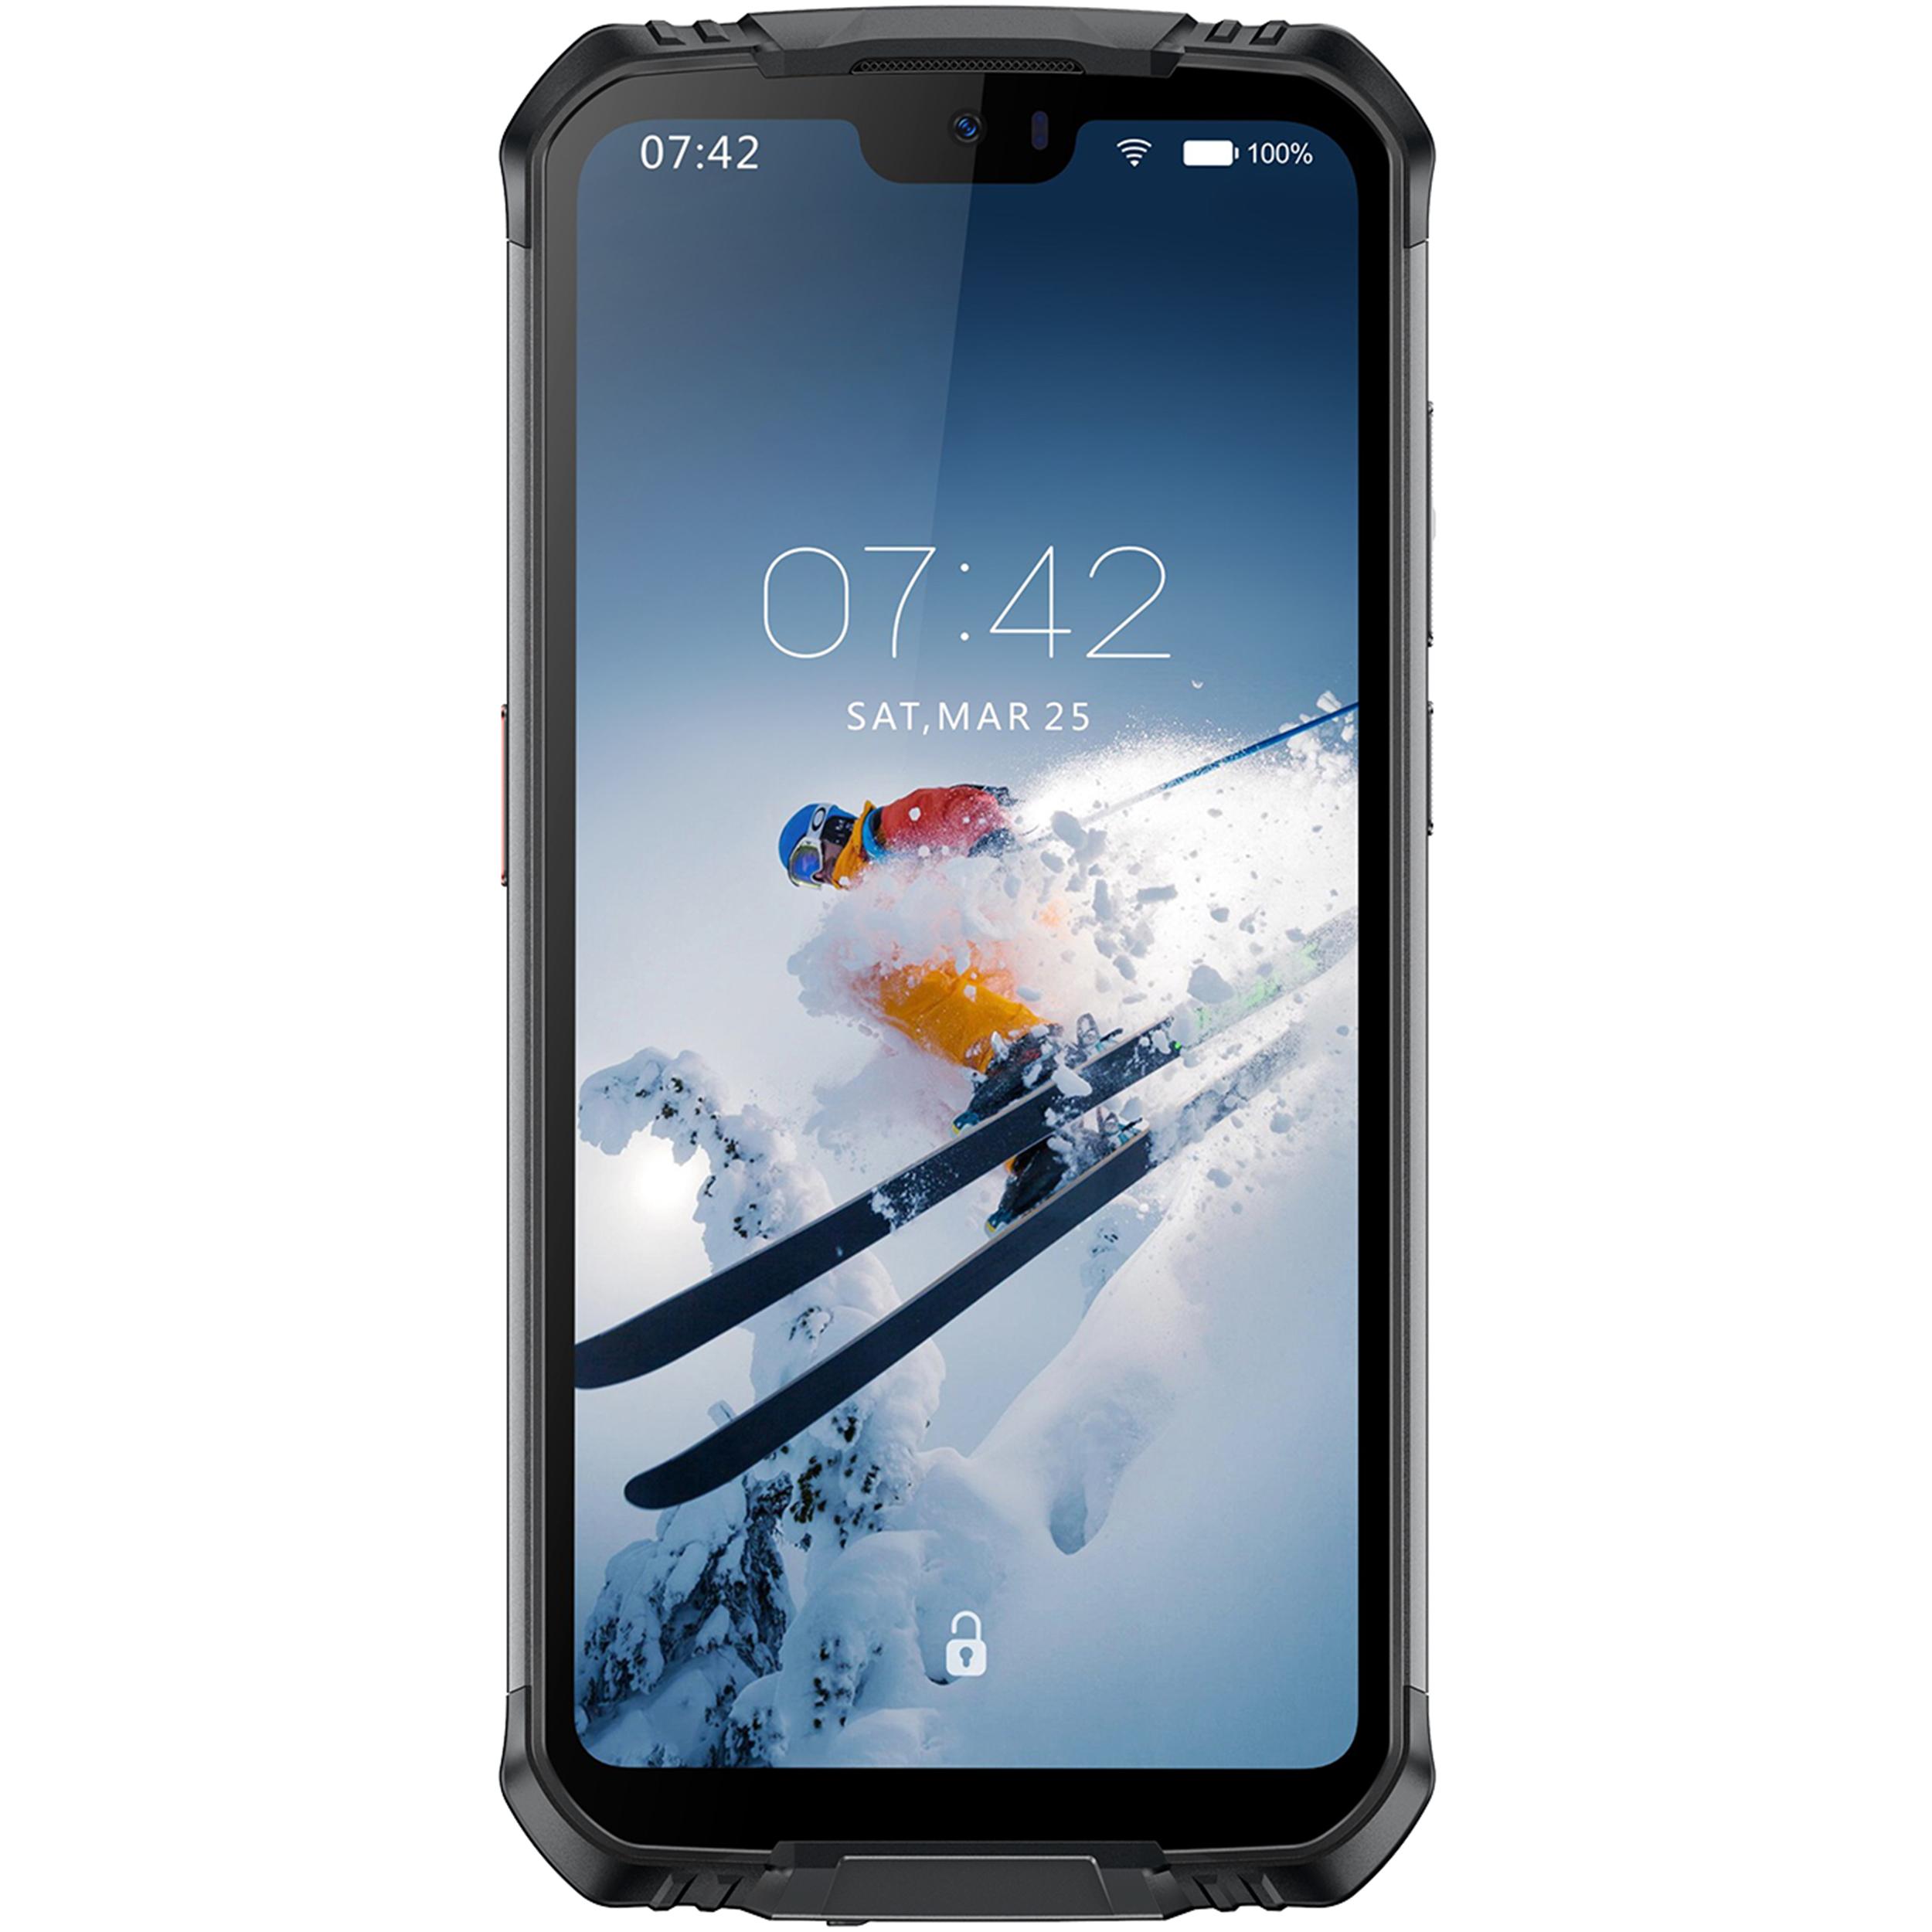 راهنمای خرید گوشی موبایل دوجی مدل S68Pro M11T دو سیم کارت ظرفیت 128 گیگابایت لیست قیمت